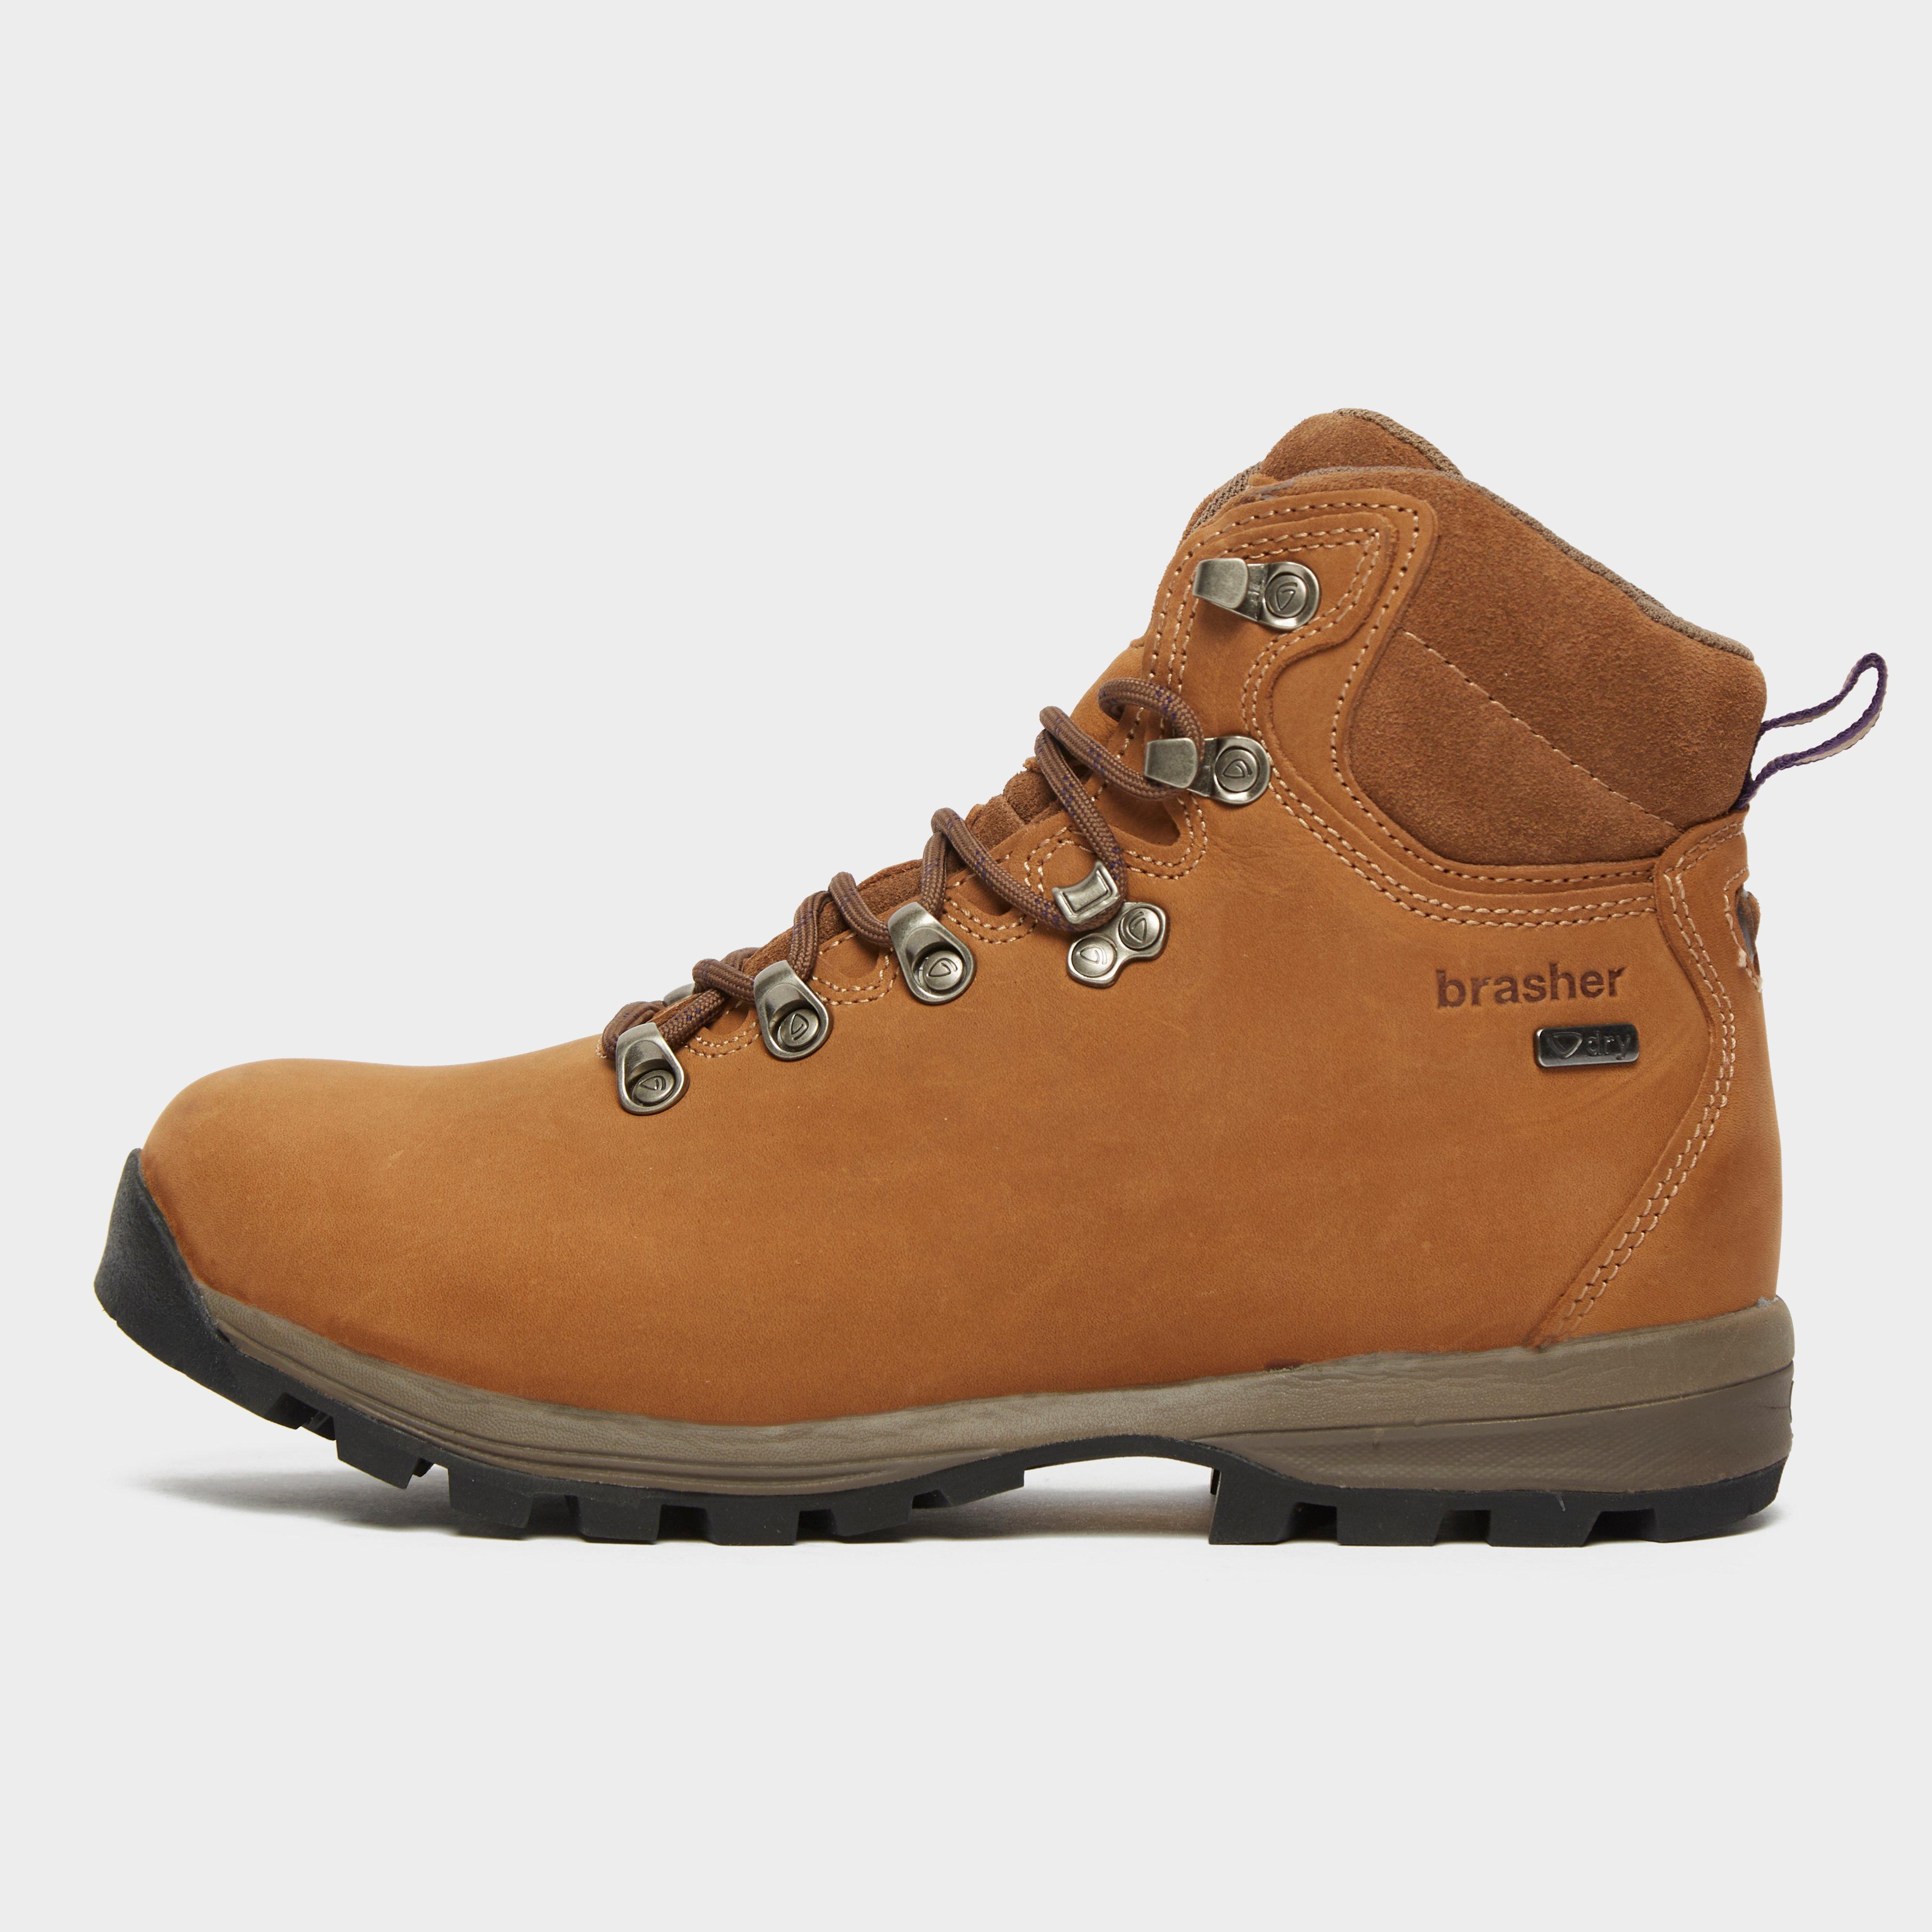 Brasher Womens Country Walker Walking Boots - Brown/brn  Brown/brn